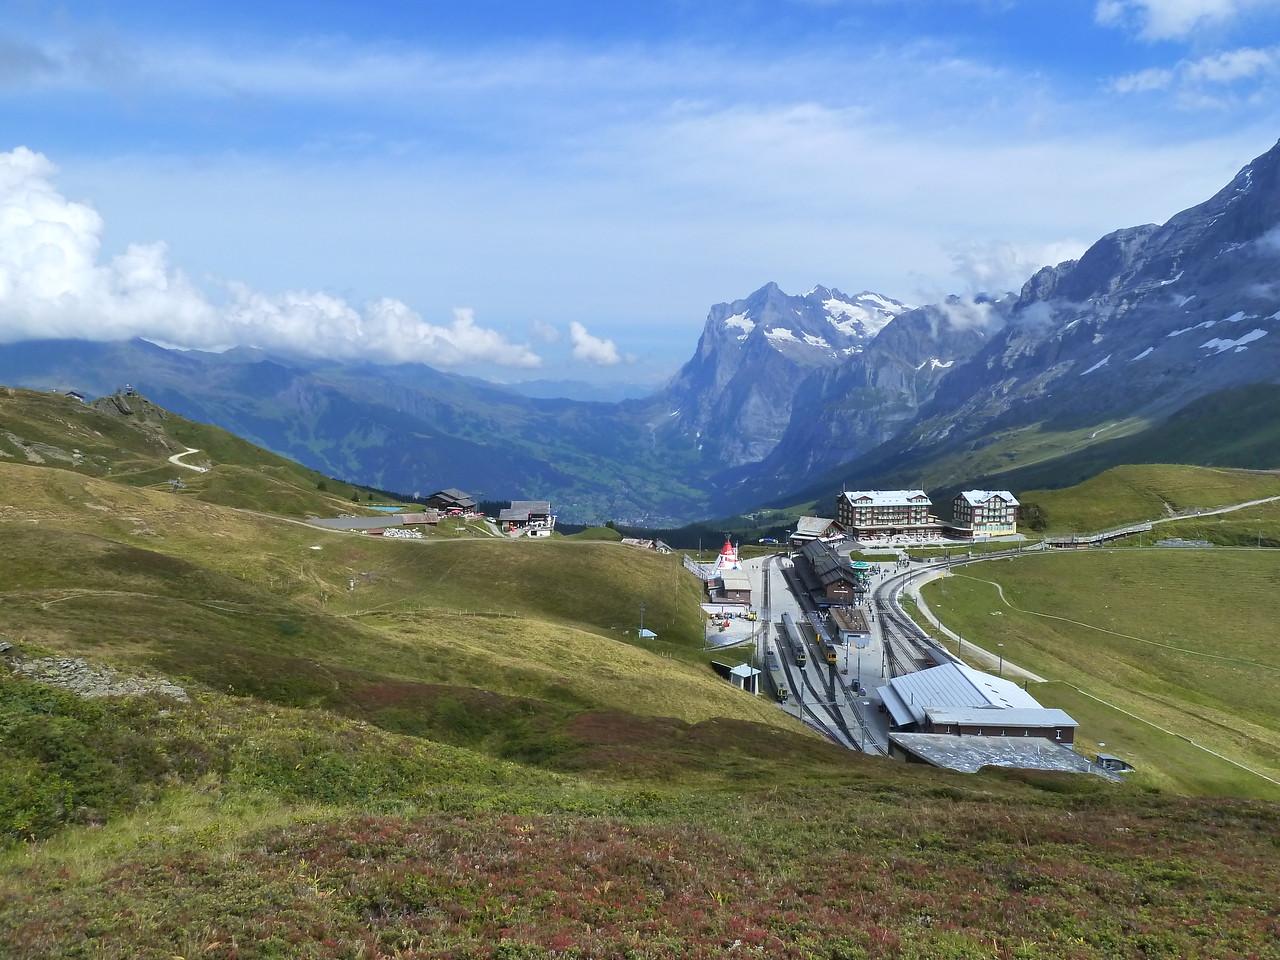 Klein Scheidegg with the train station to the Jungfraujoch.